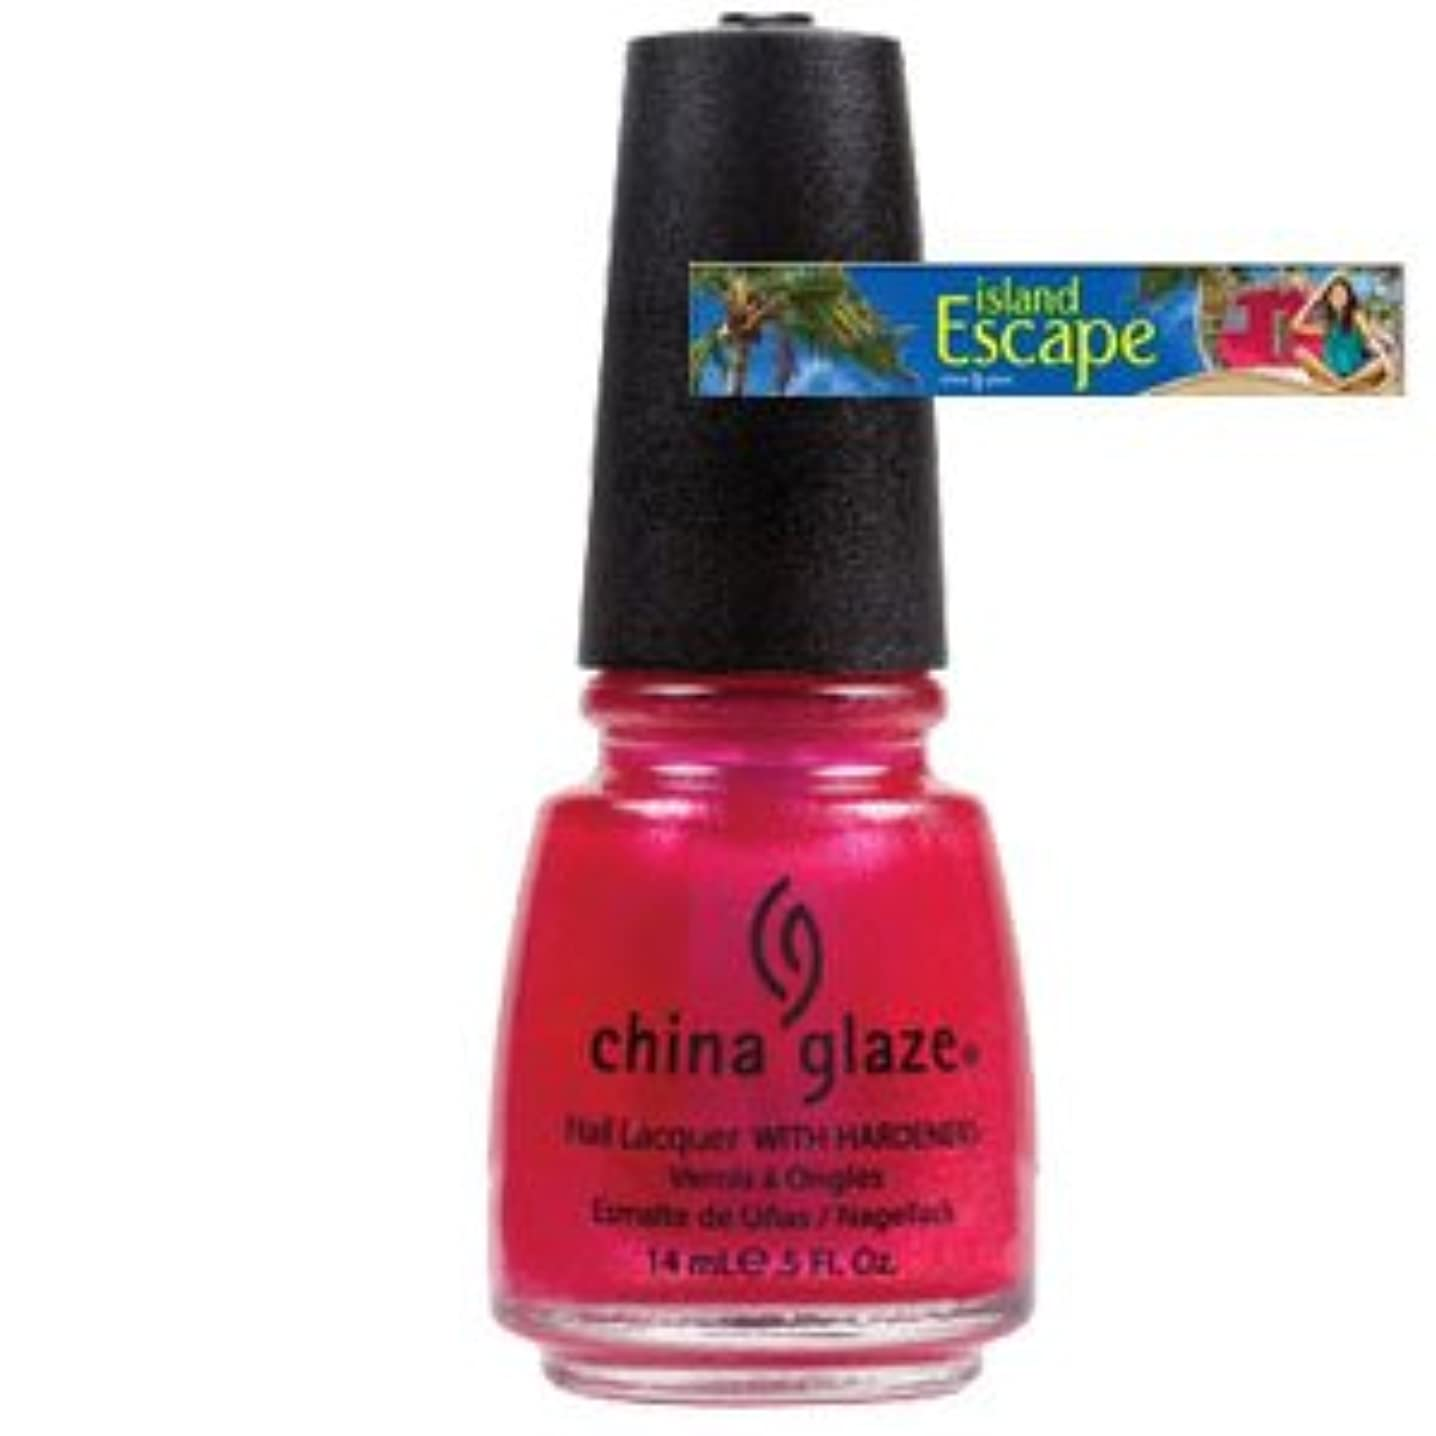 敬な農夫気になる(チャイナグレイズ)China Glaze アイランドエスケープコレクション?108 Degrees [海外直送品][並行輸入品]